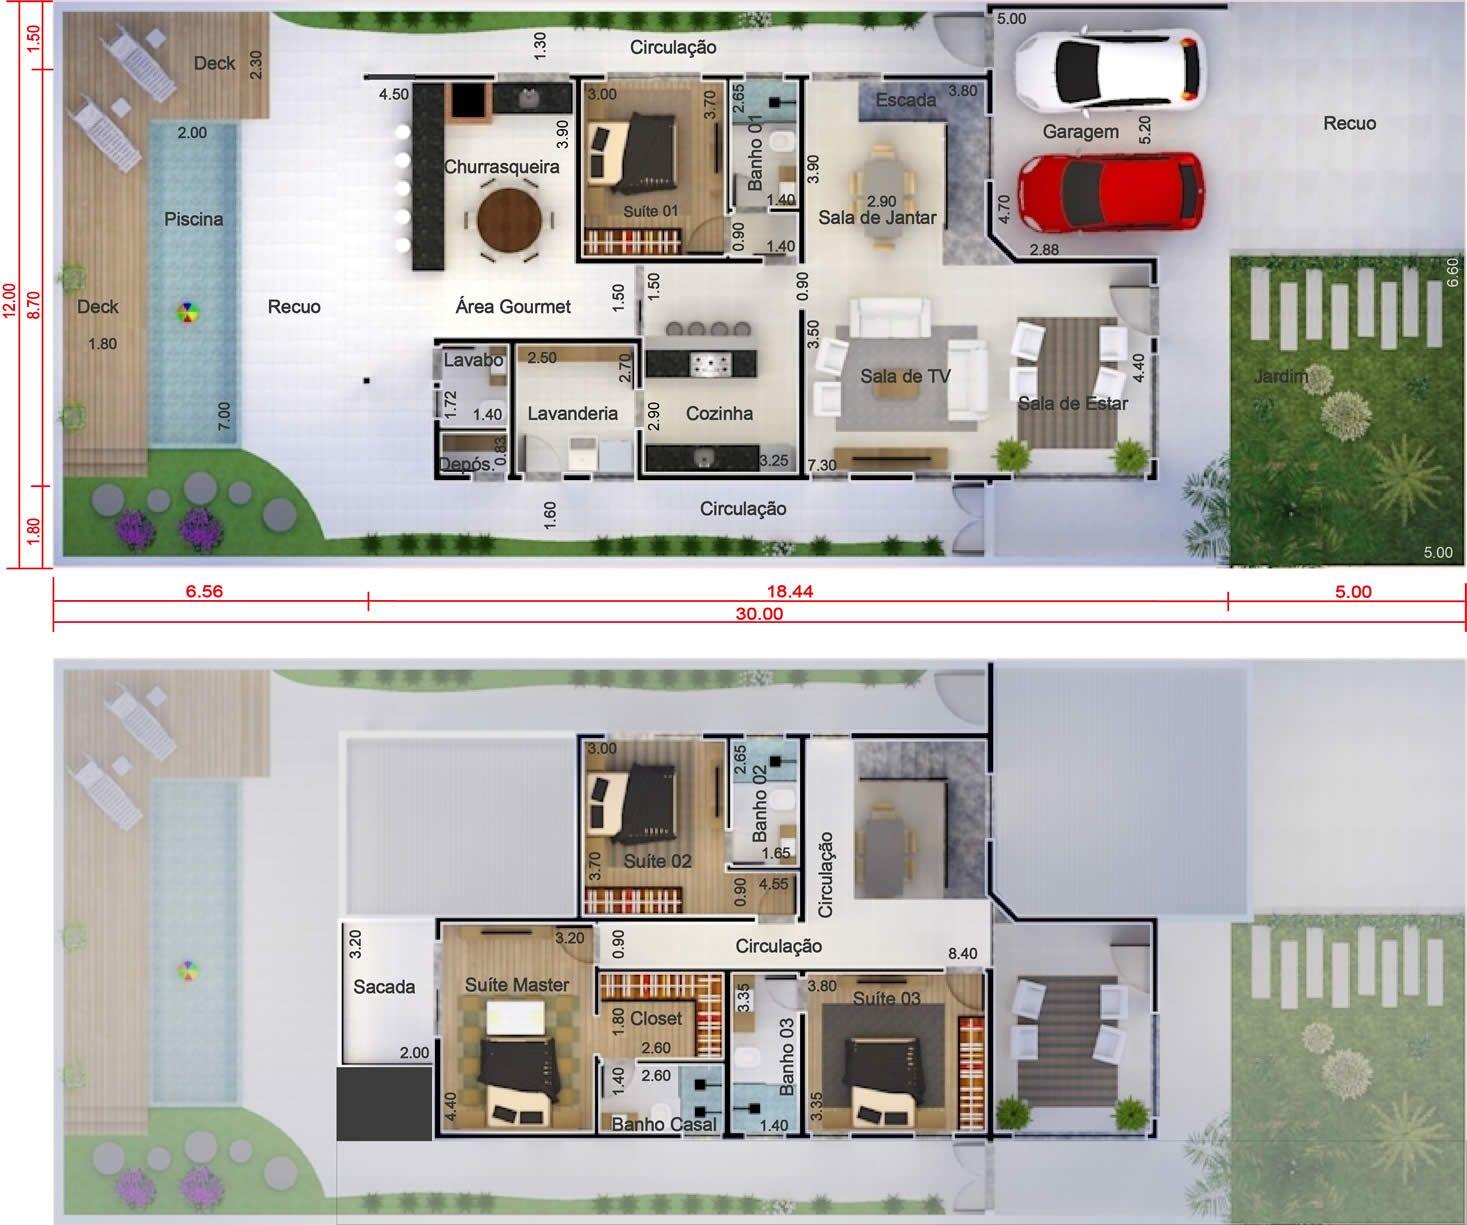 Sobrado con habitaci n de abajo plano para terreno 12x30 for Plano habitacion 3d